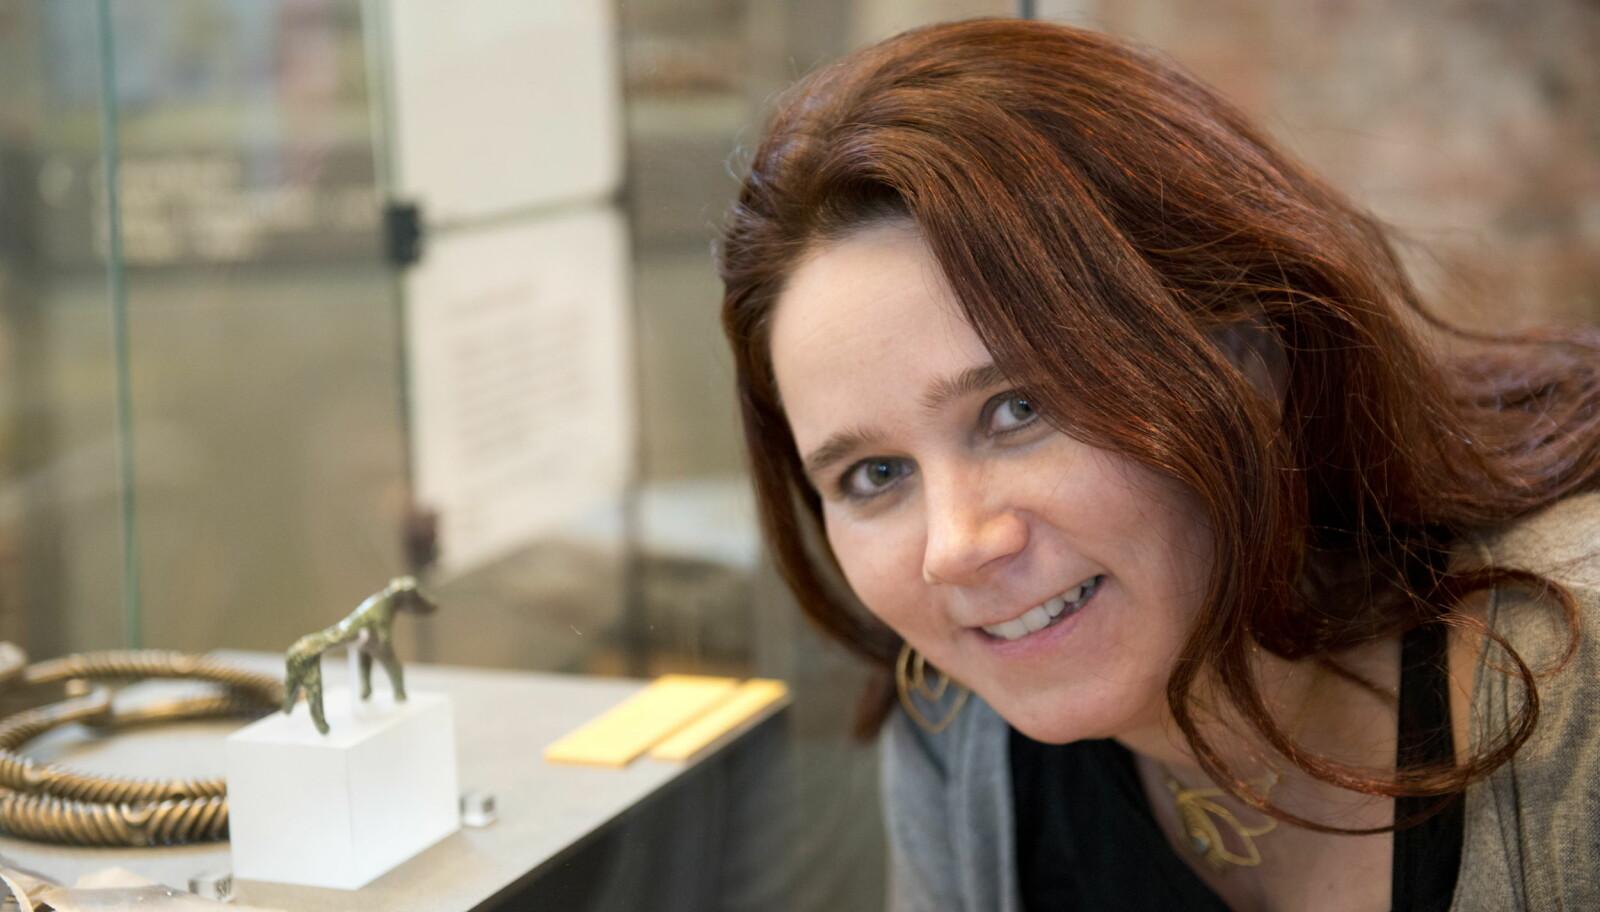 Kristin Armstrong Oma satsa på ei akademisk karriere etter arkeologistudia. Fleire av medstudentane hennar blei derimot rekrutterte til finansbransjen i London.